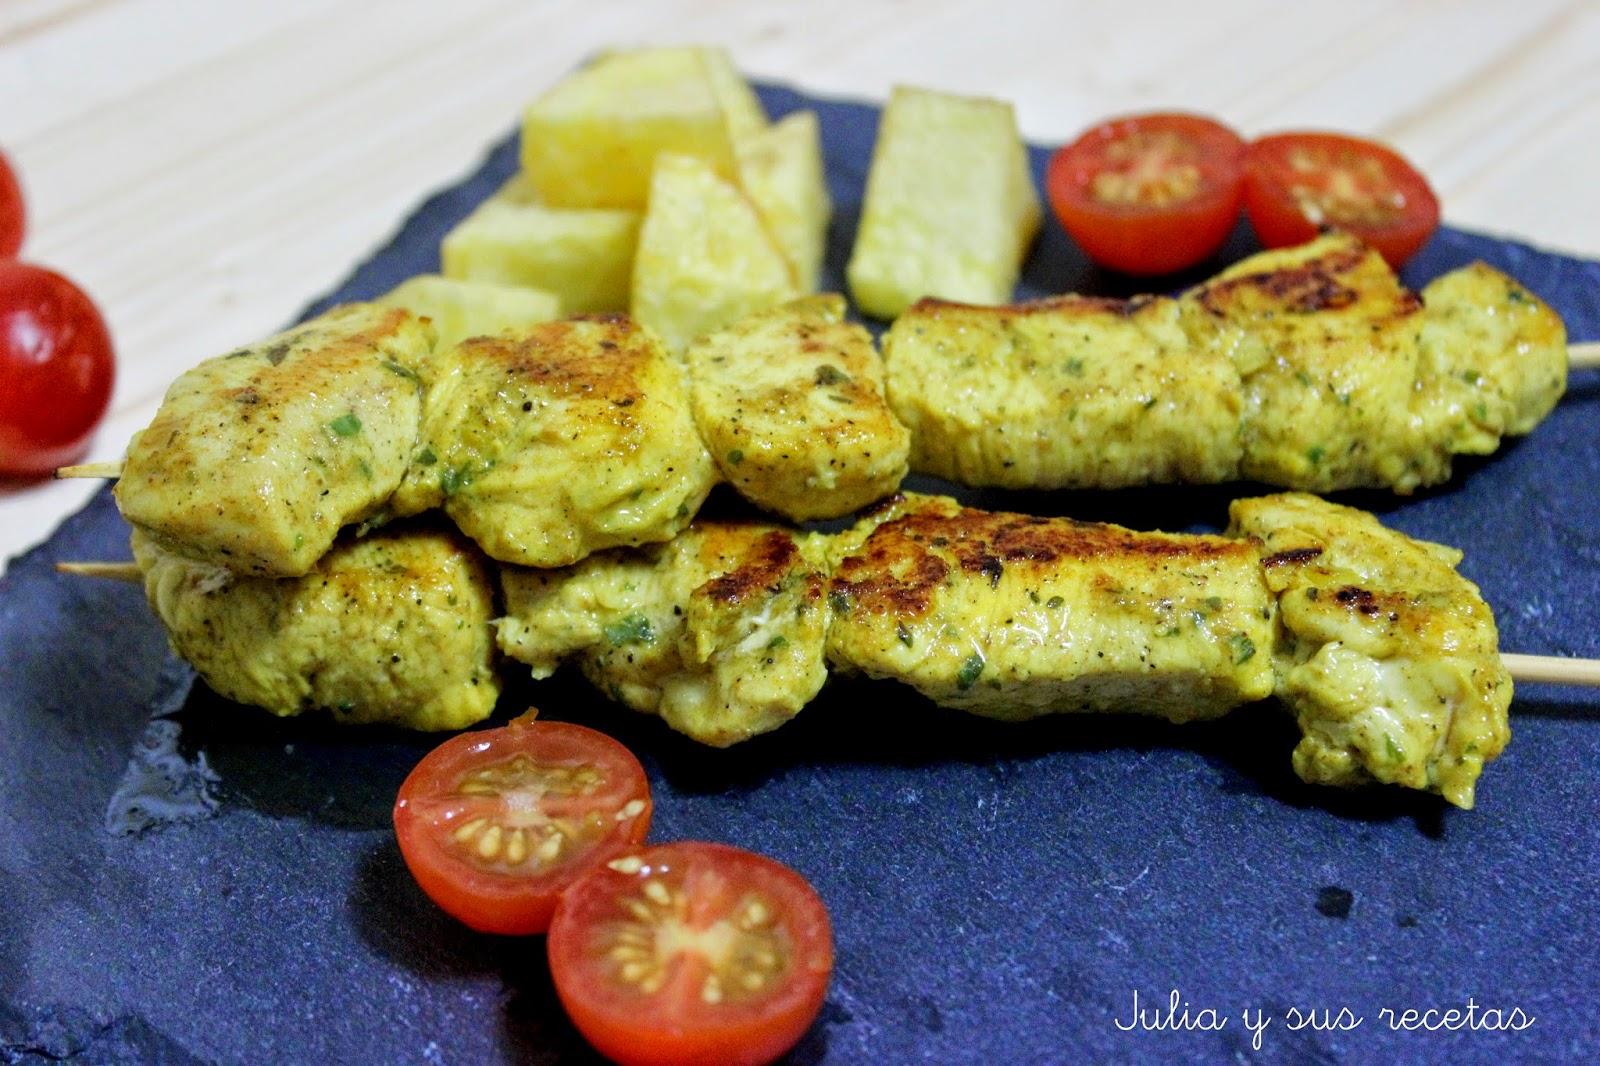 Brochetas de pollo al ras el hanout. Julia y sus recetas